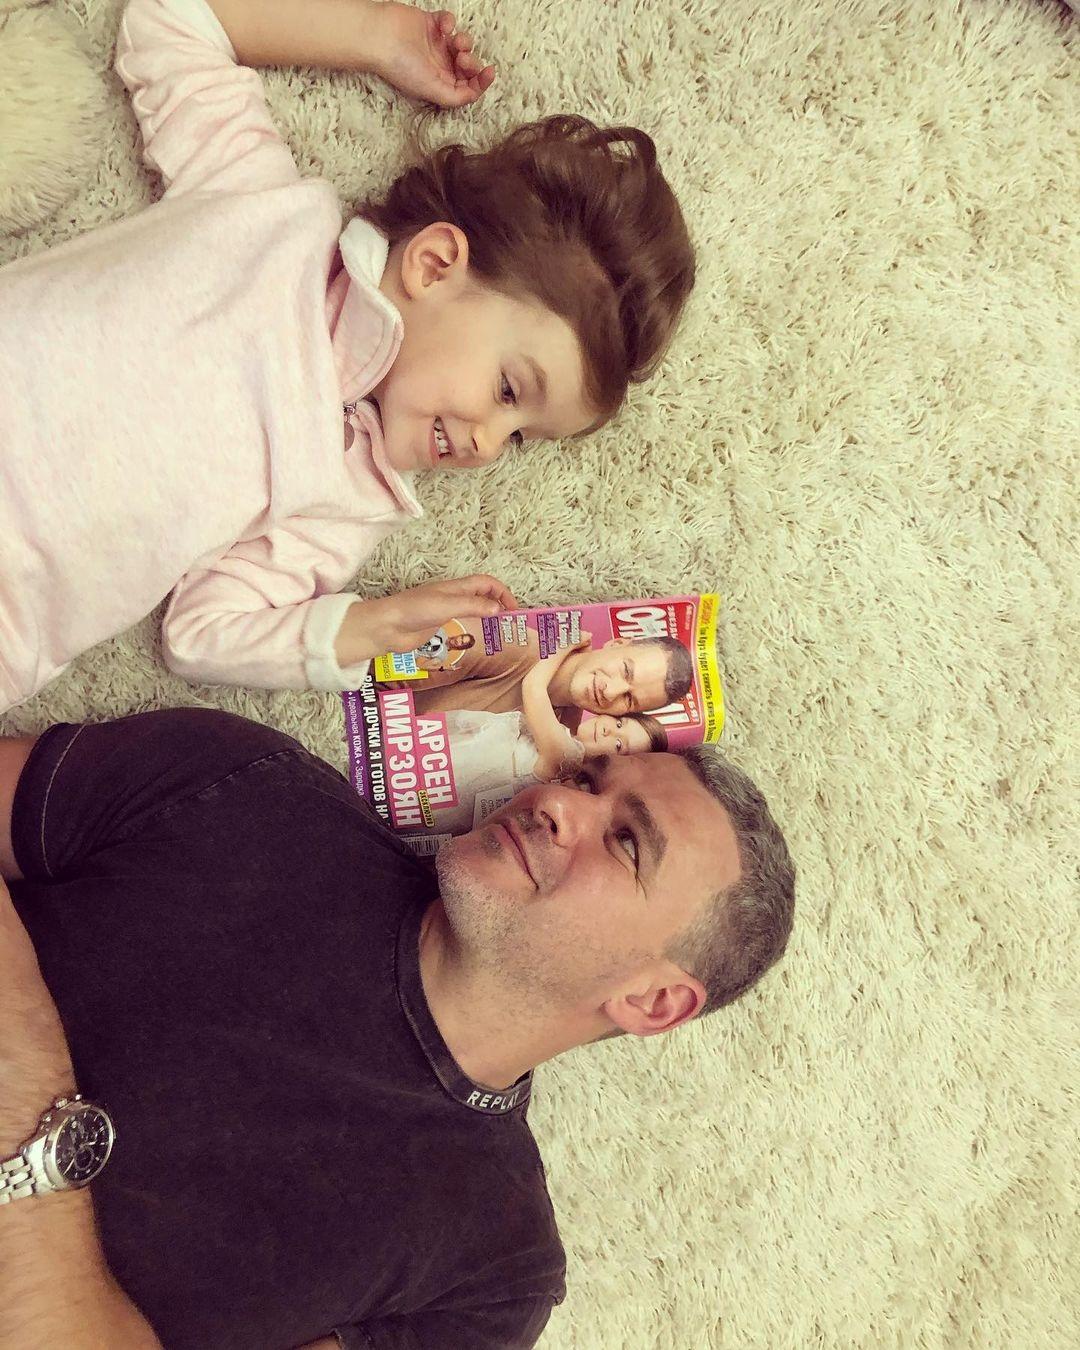 тоня матвиенко муж арсен мирзоян дочь нина семья день отца 2021 украинские звезды как поздравили